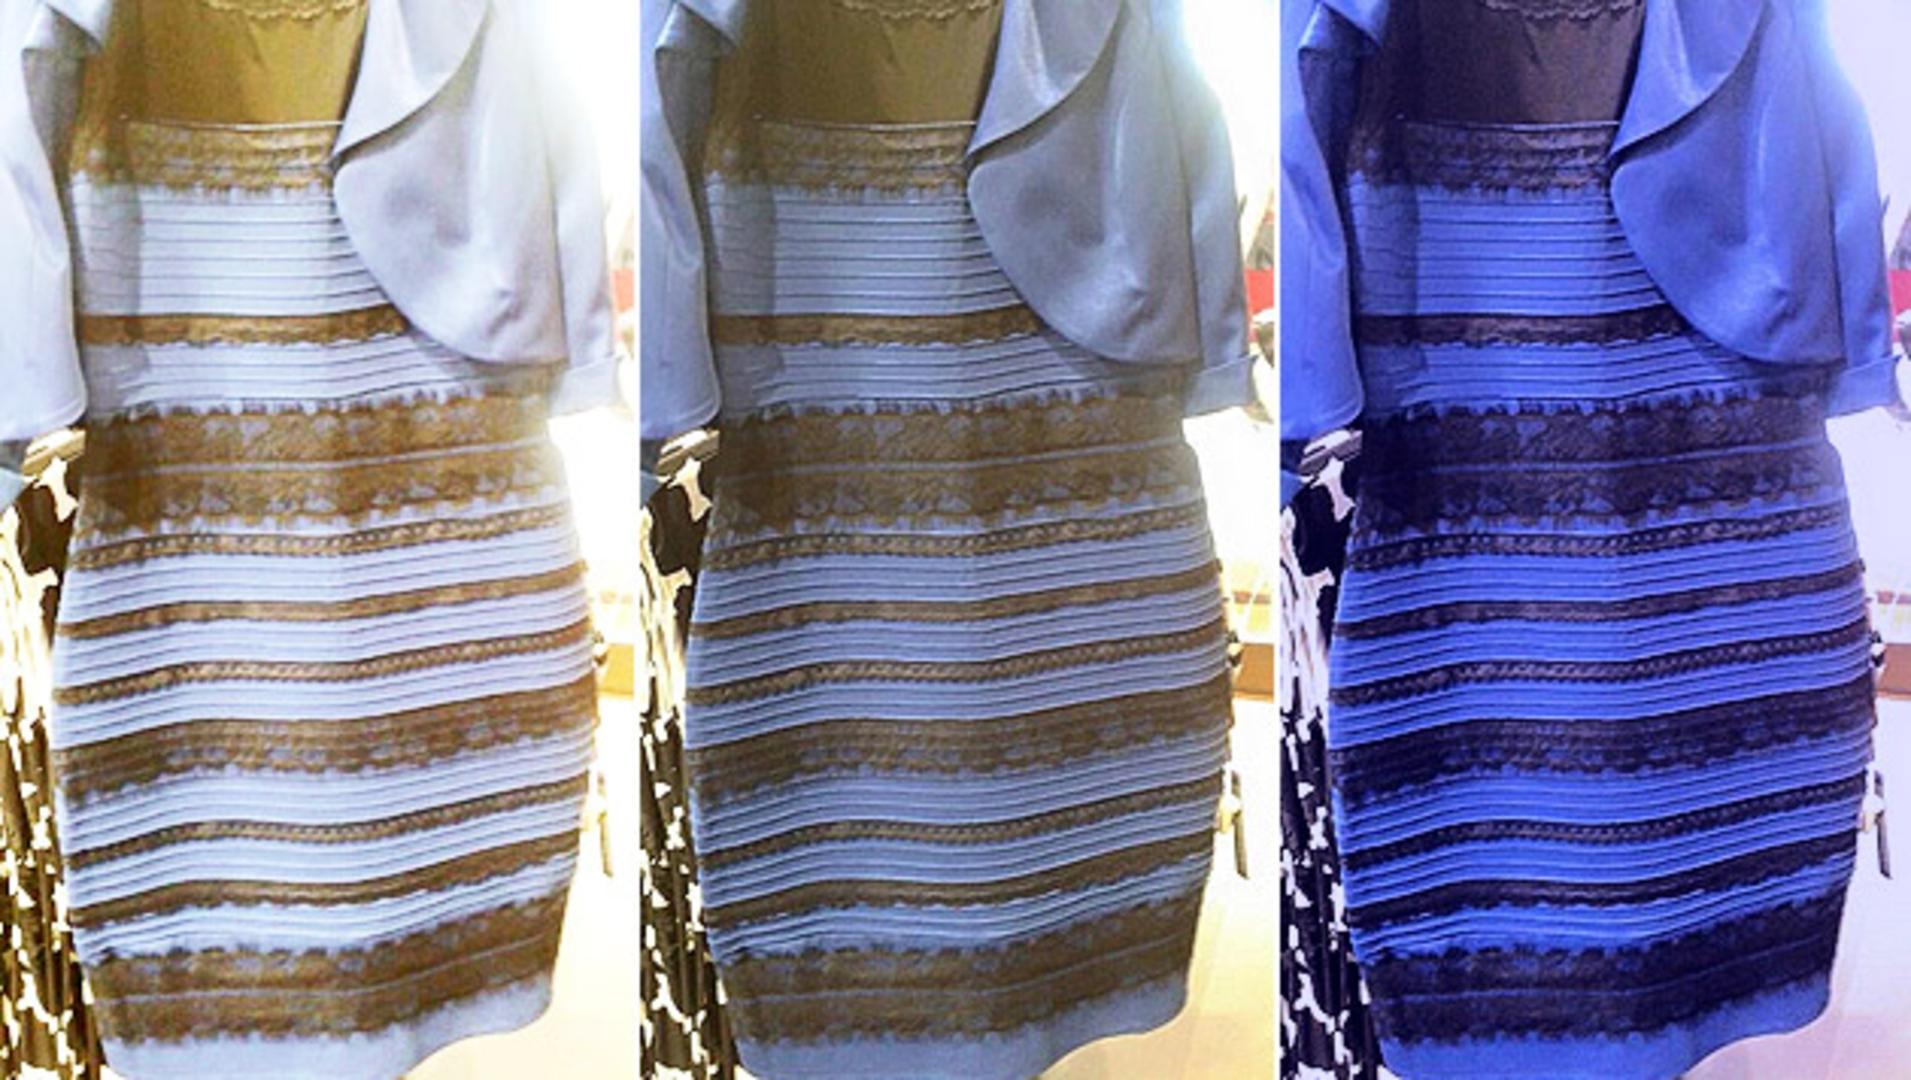 blau-schwarz oder weiß-gold? kleid beschäftigt web | krone.at